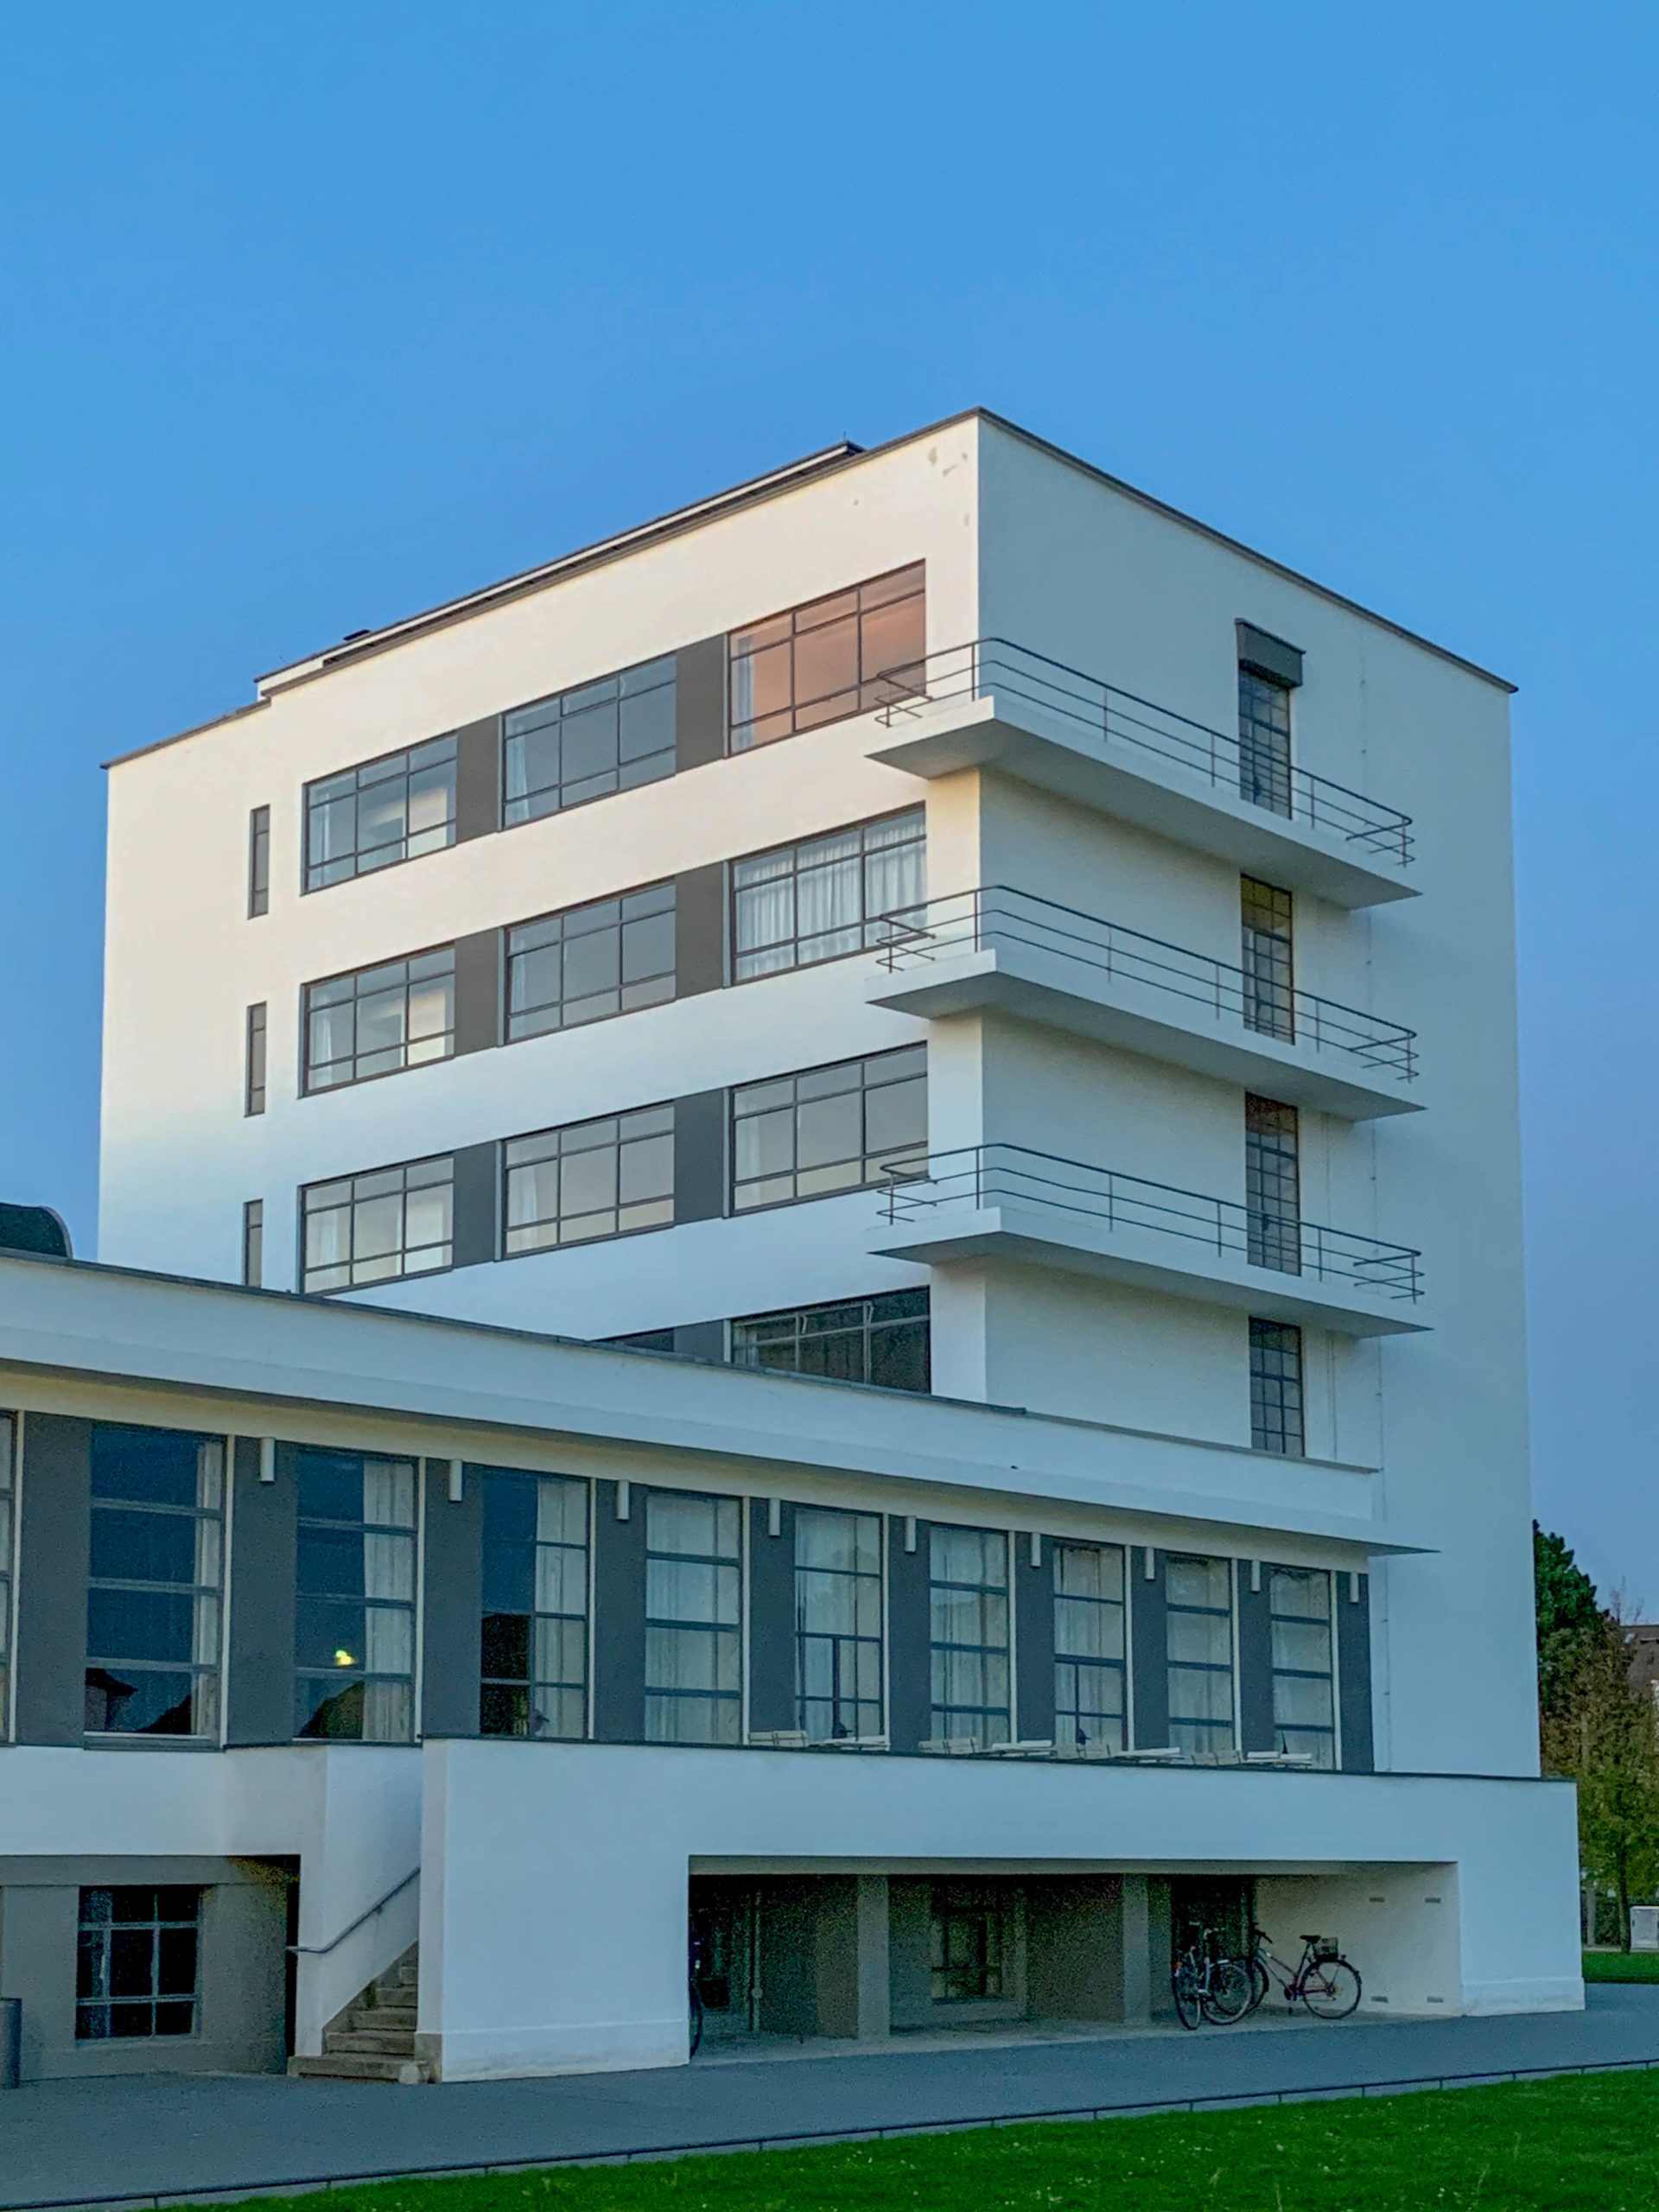 Prellerhaus, 1925-1926. Architect: Walter Gropius